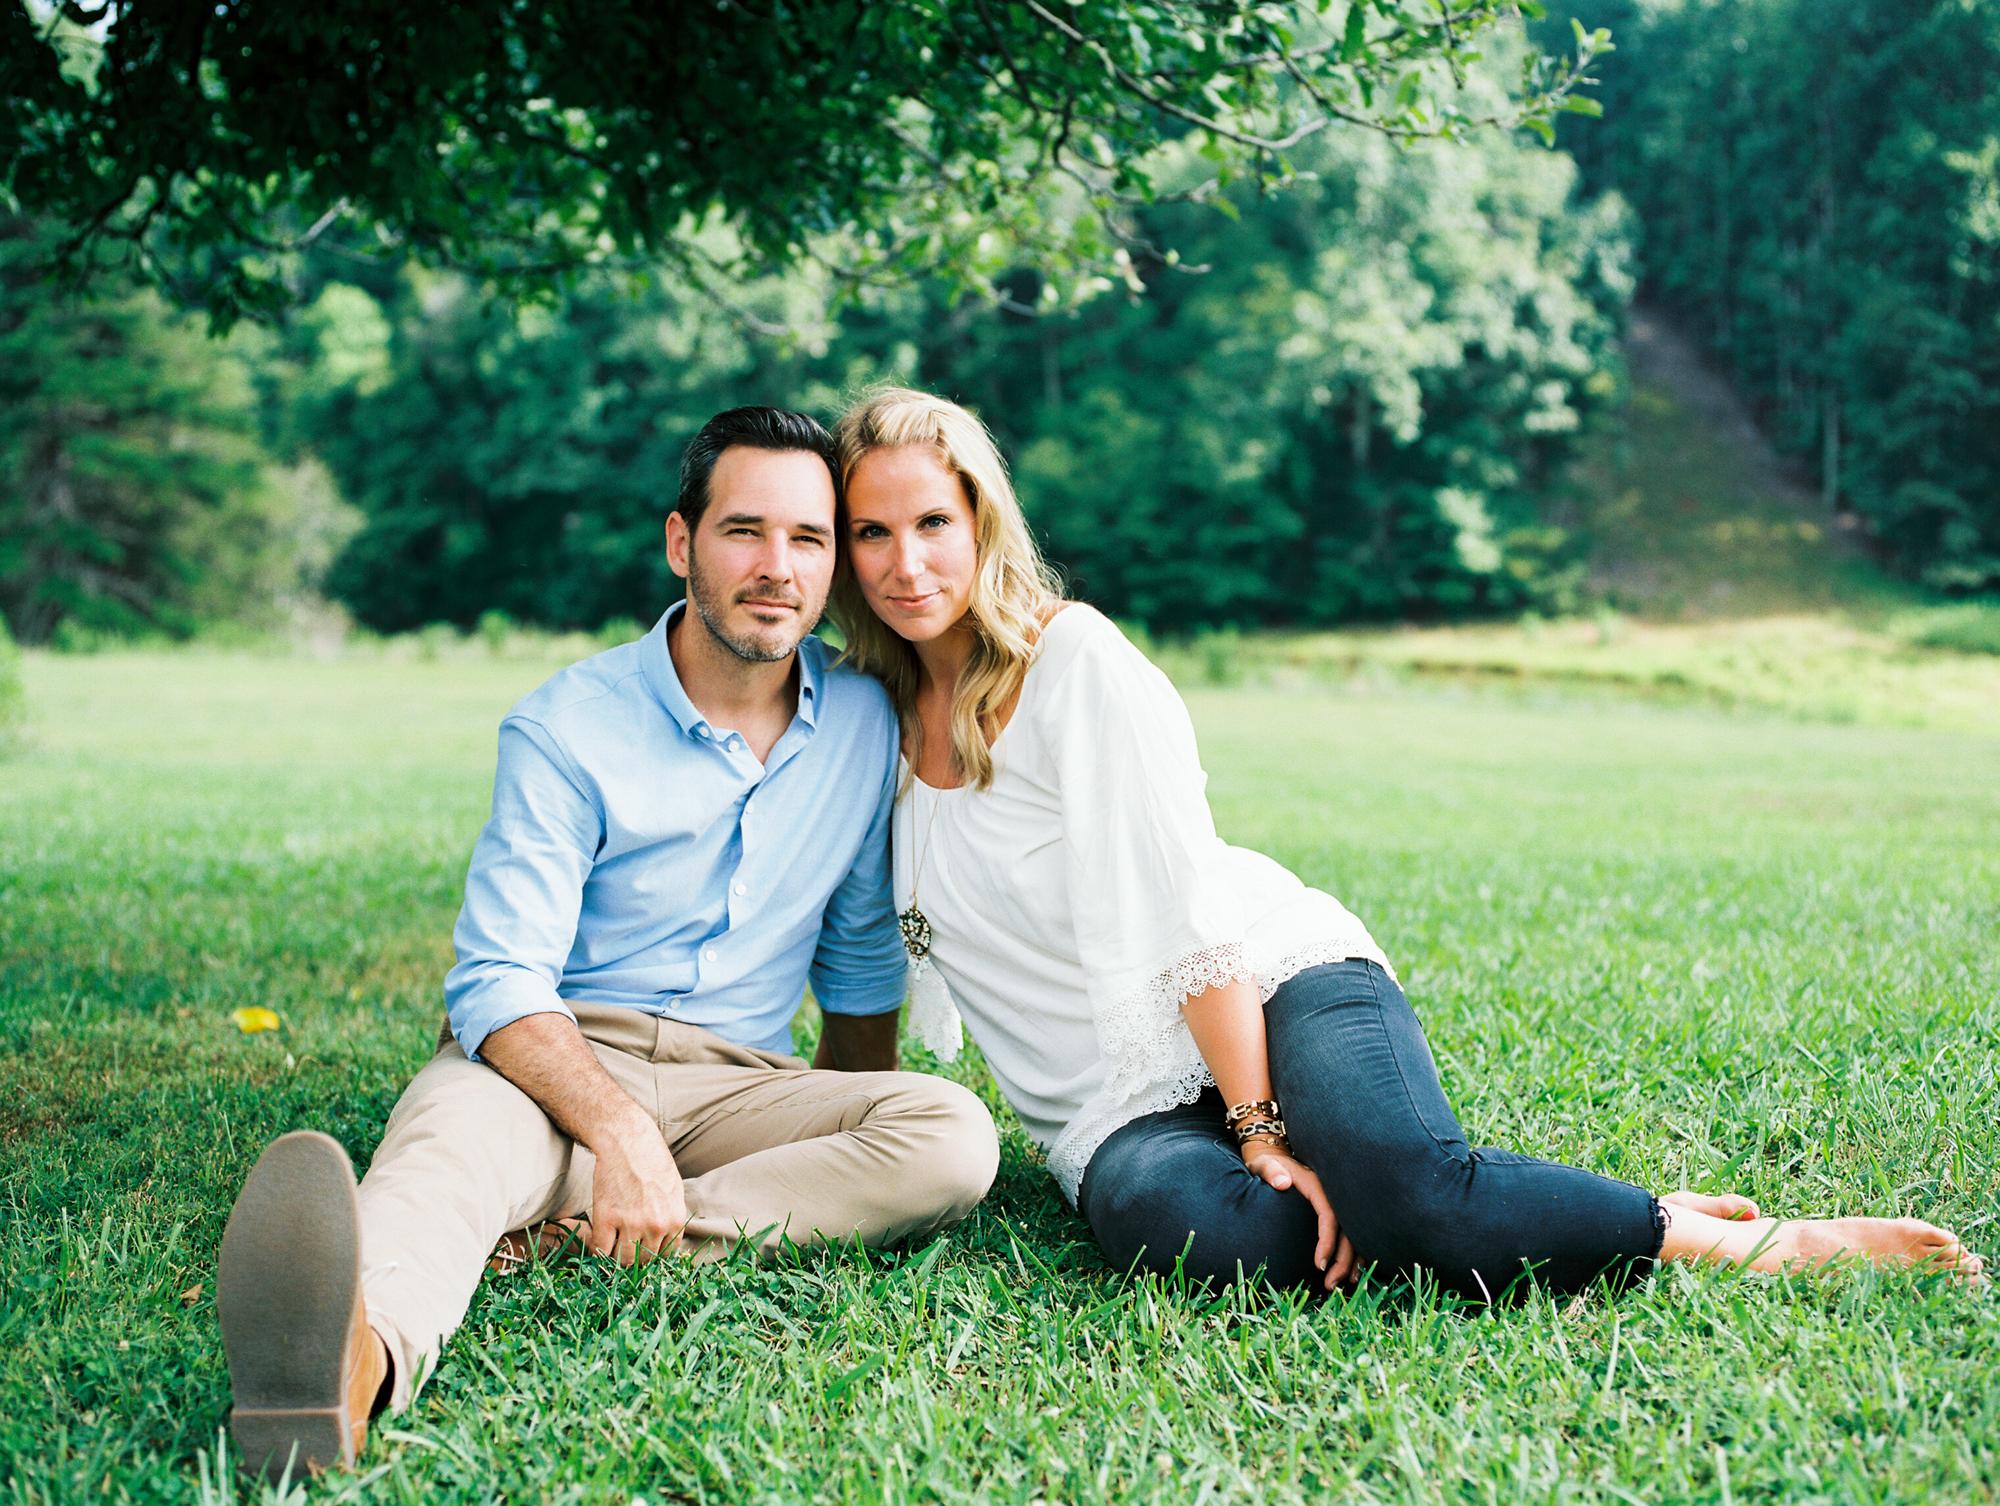 charlotte-family-film-photographer-28.jpg